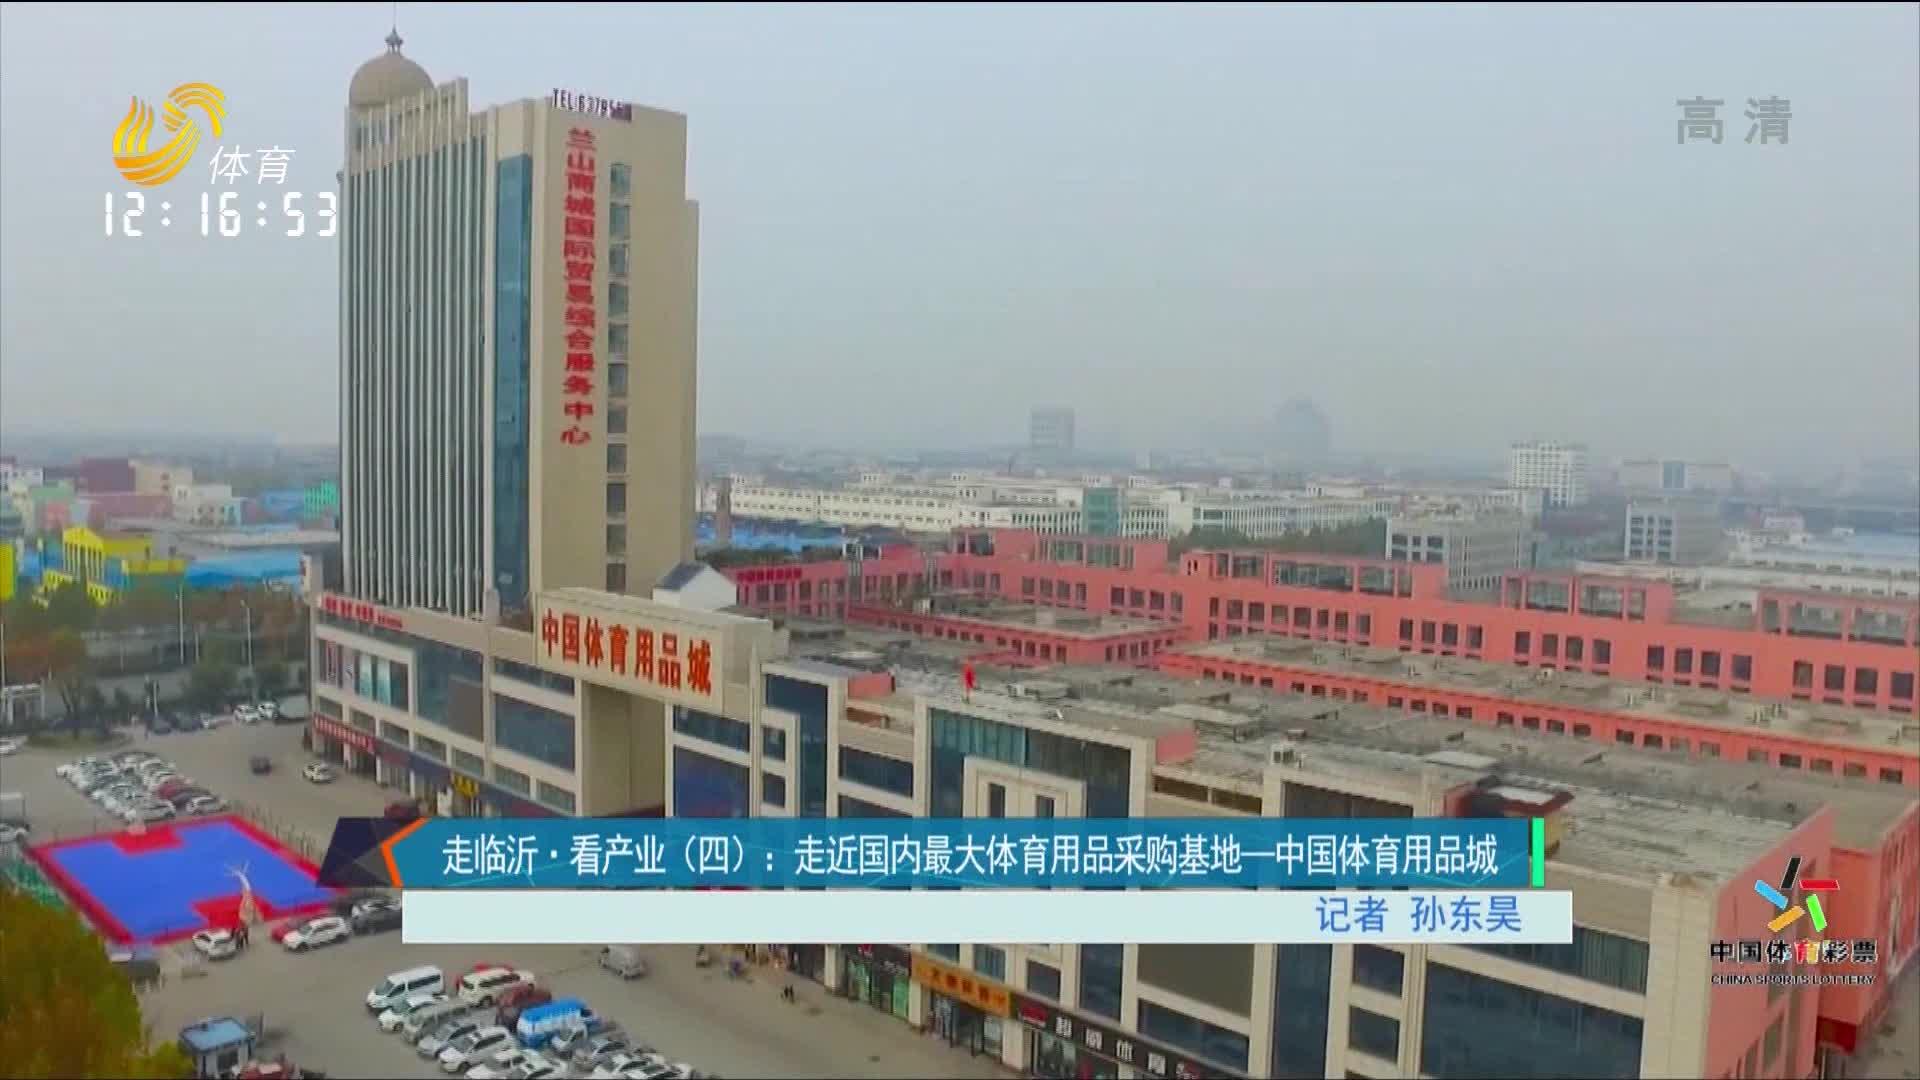 走临沂·看产业(四):走近国内最大体育用品采购基地——中国体育用品城